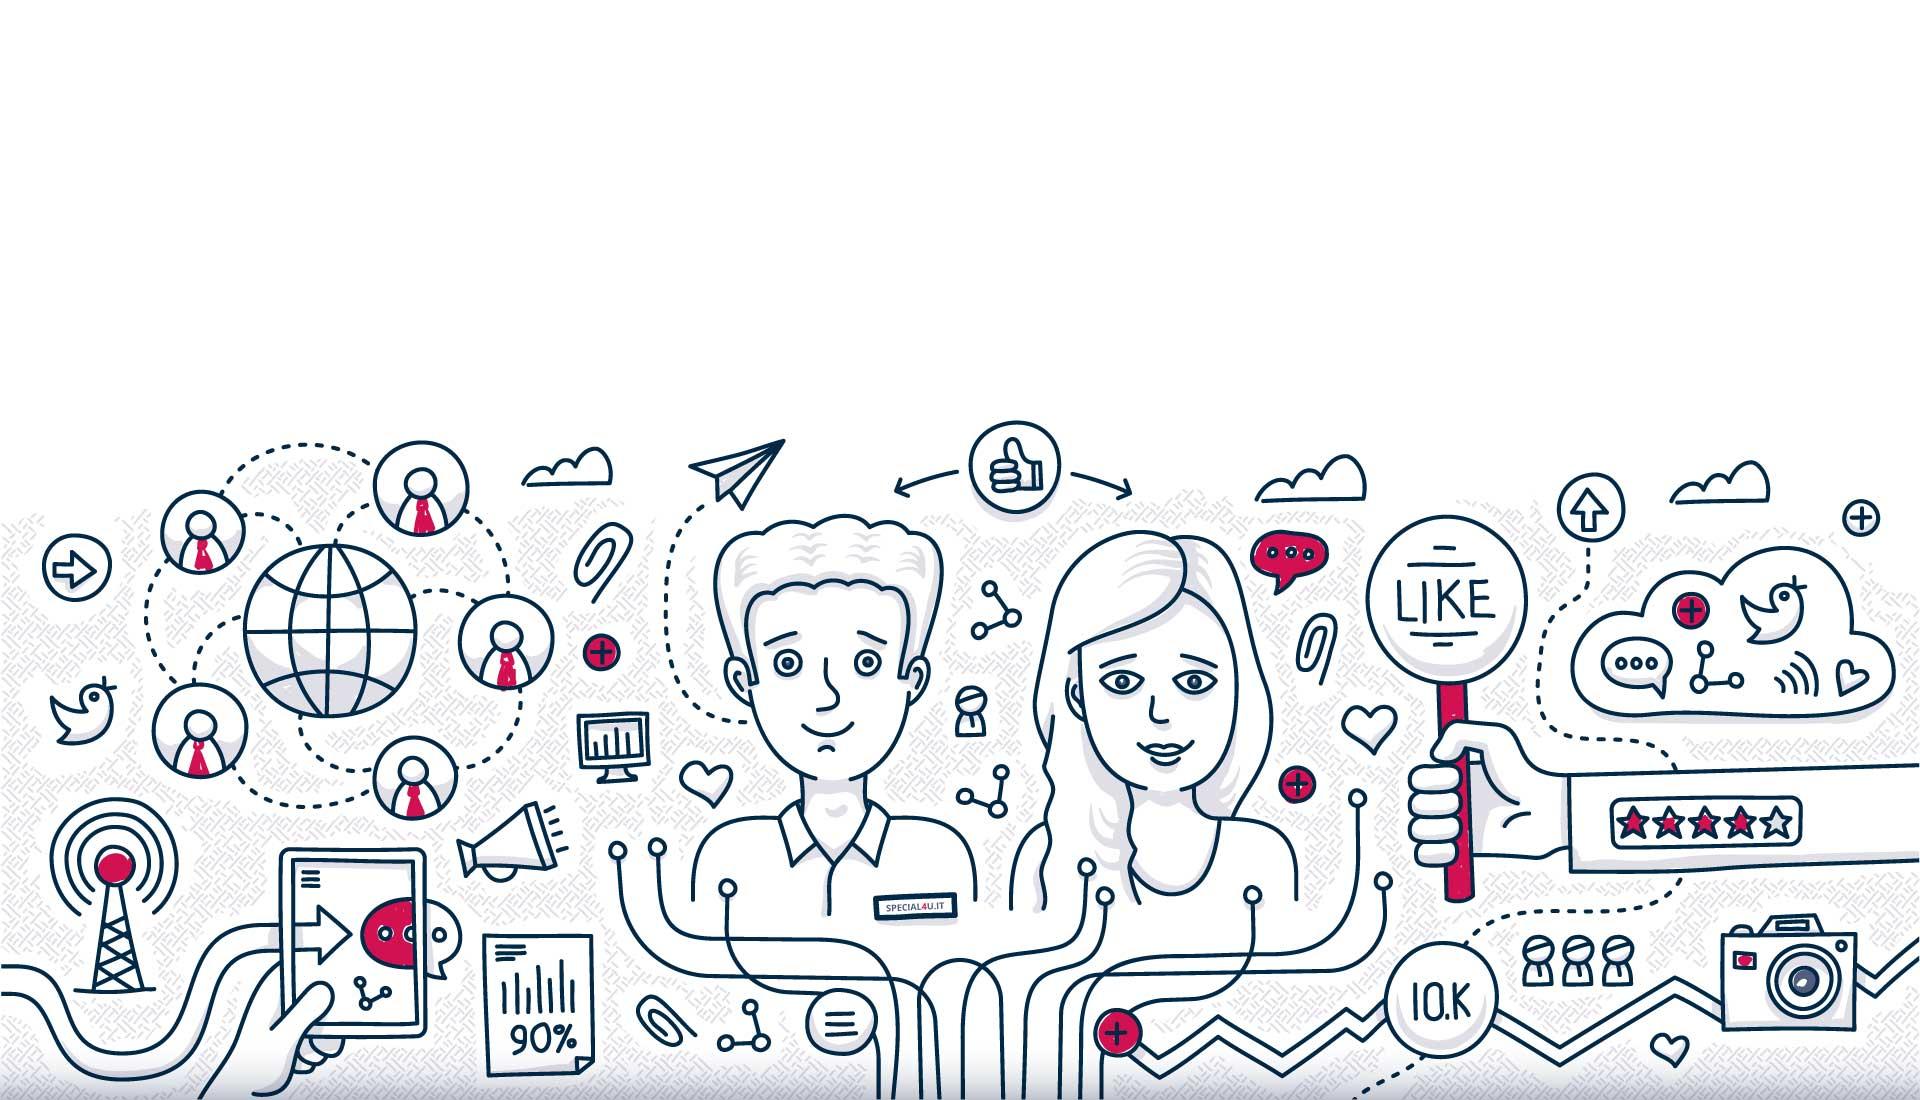 spaecial4u - social marketing